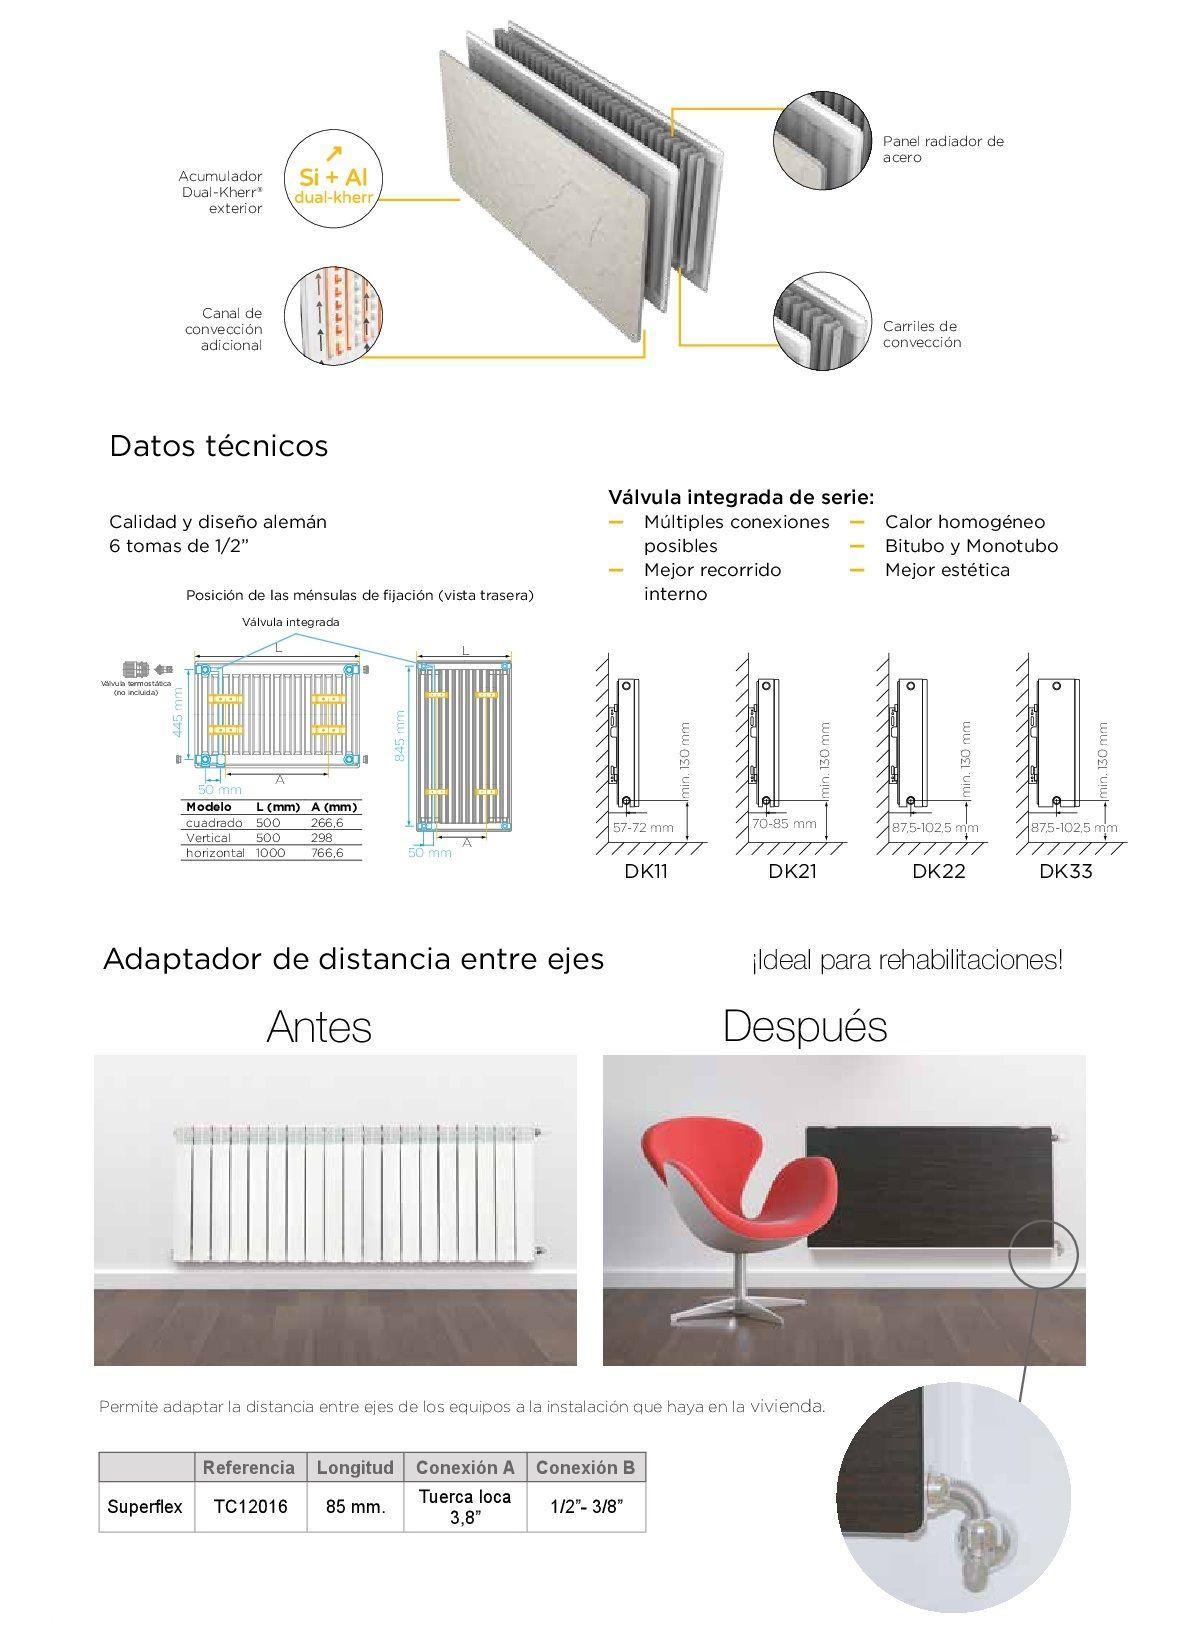 Ficha técnica radiador agua Climastar DK 21